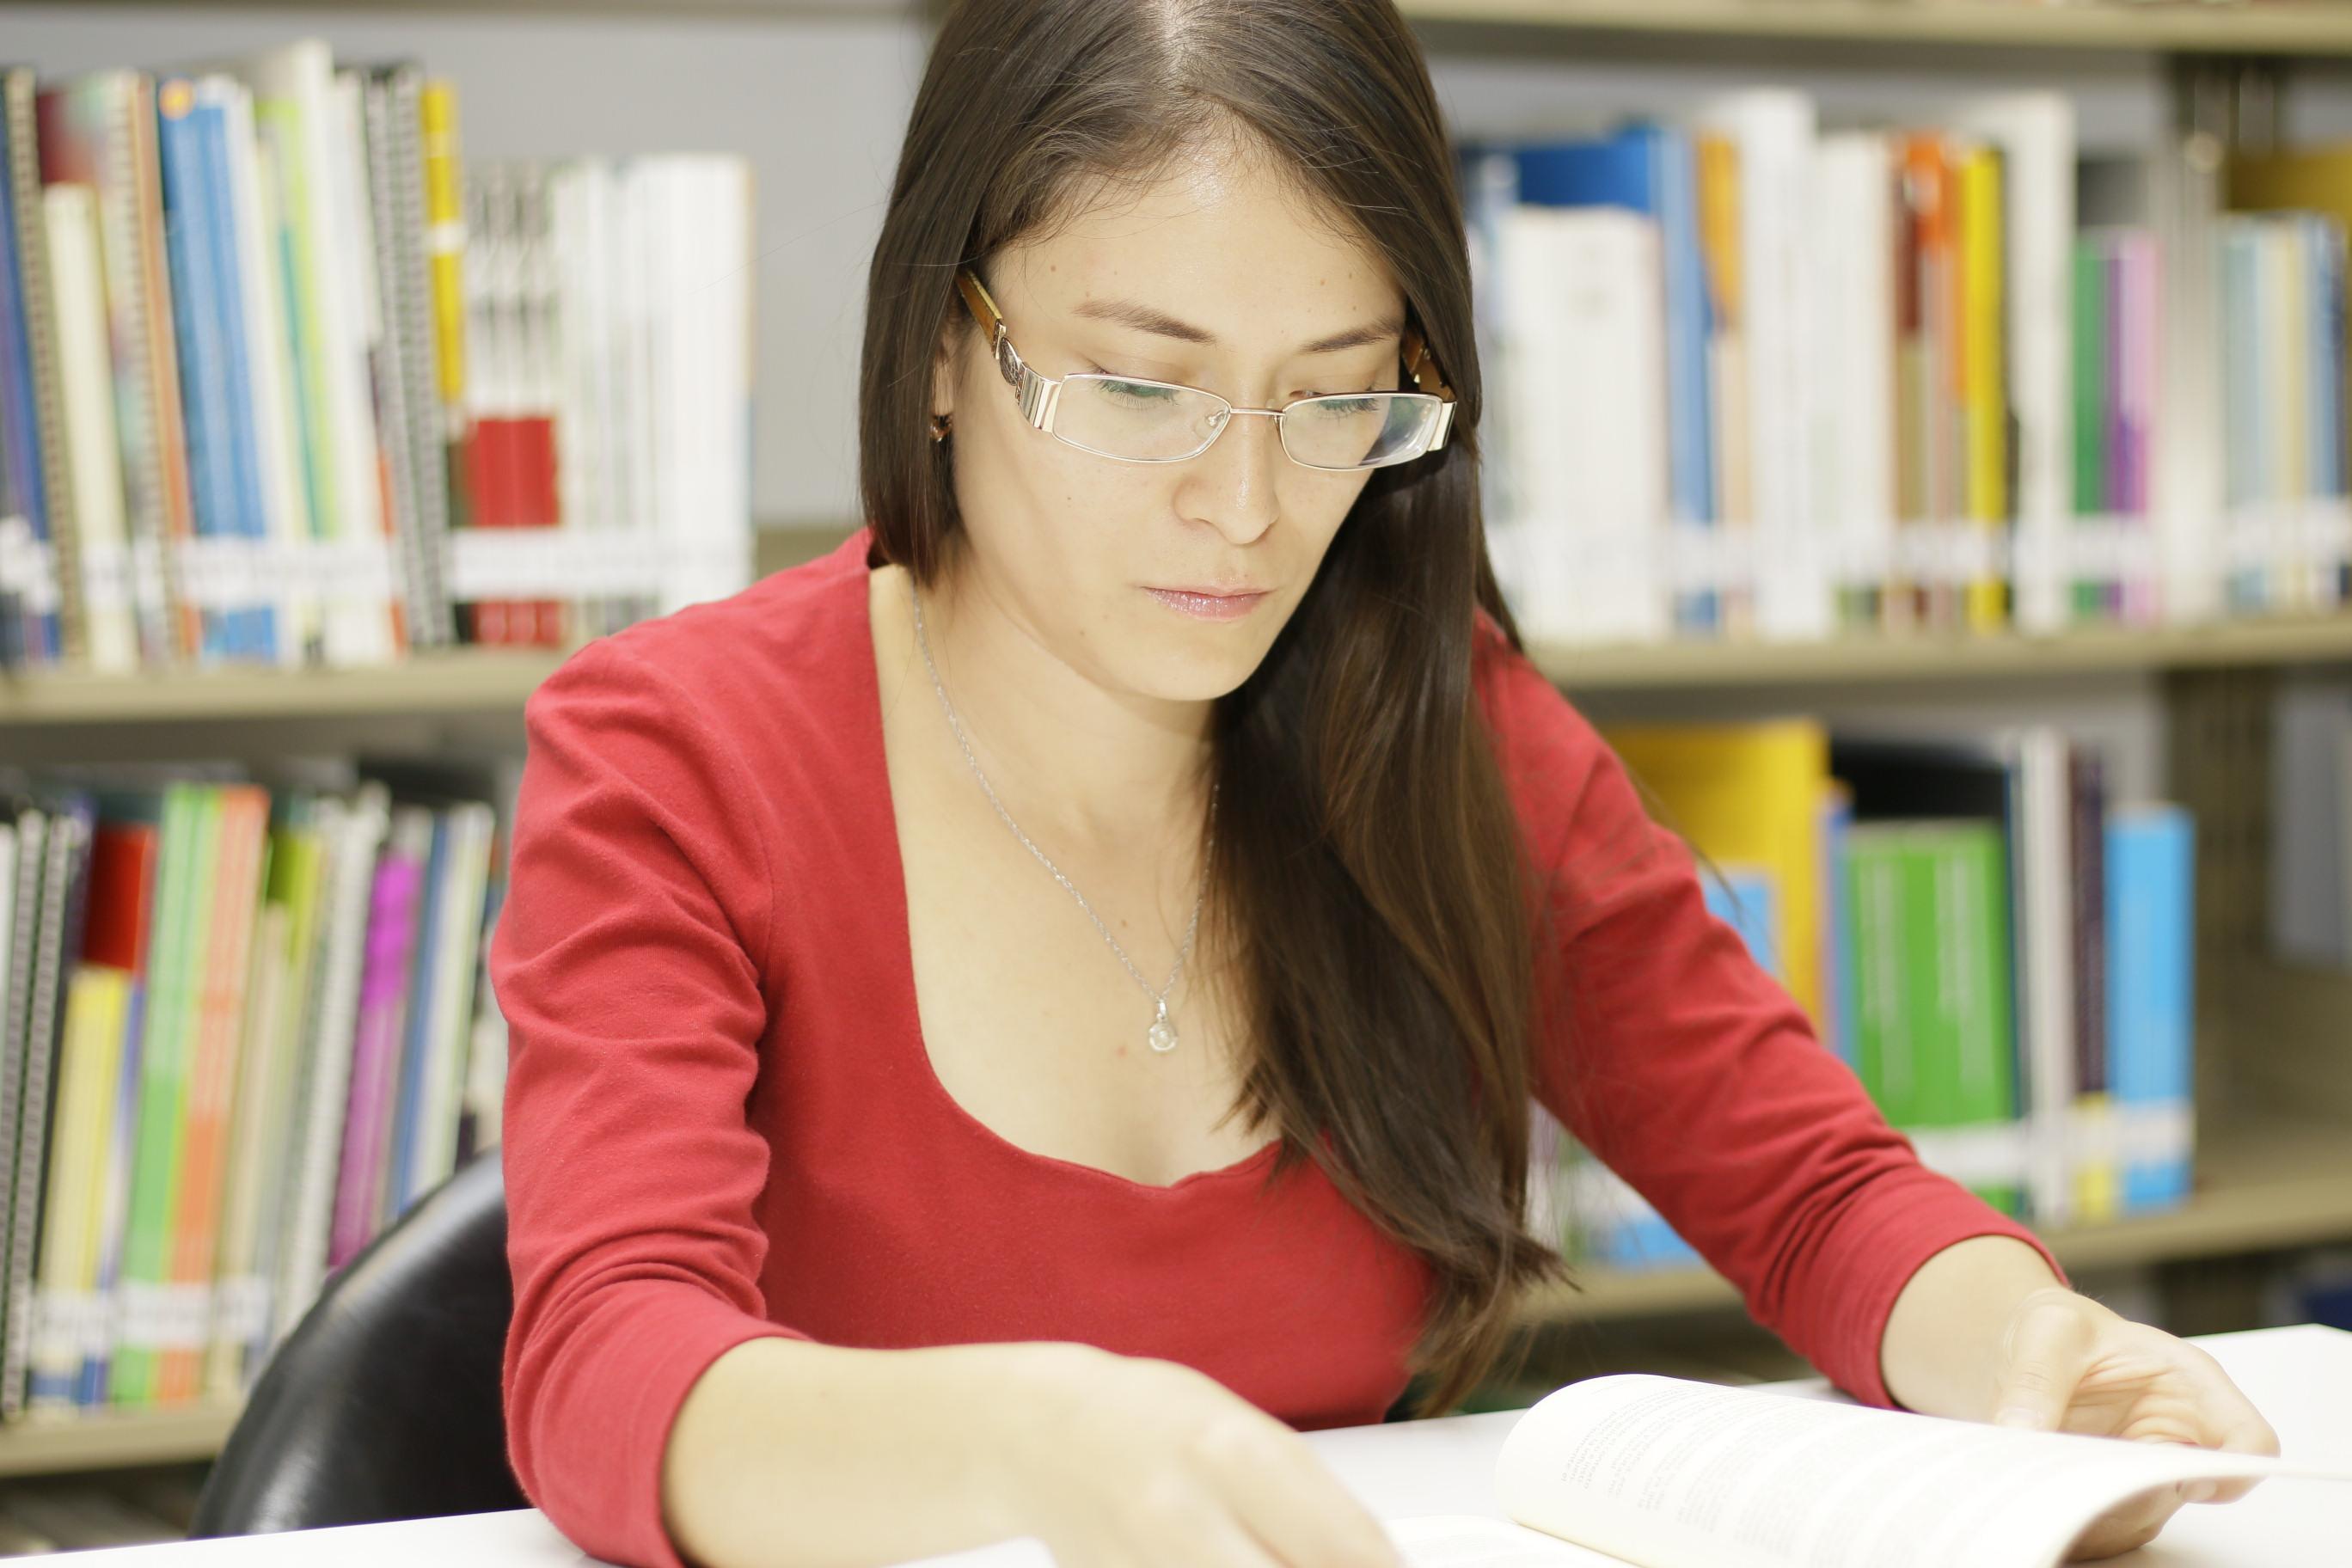 Mujer joven leyendo en una biblioteca